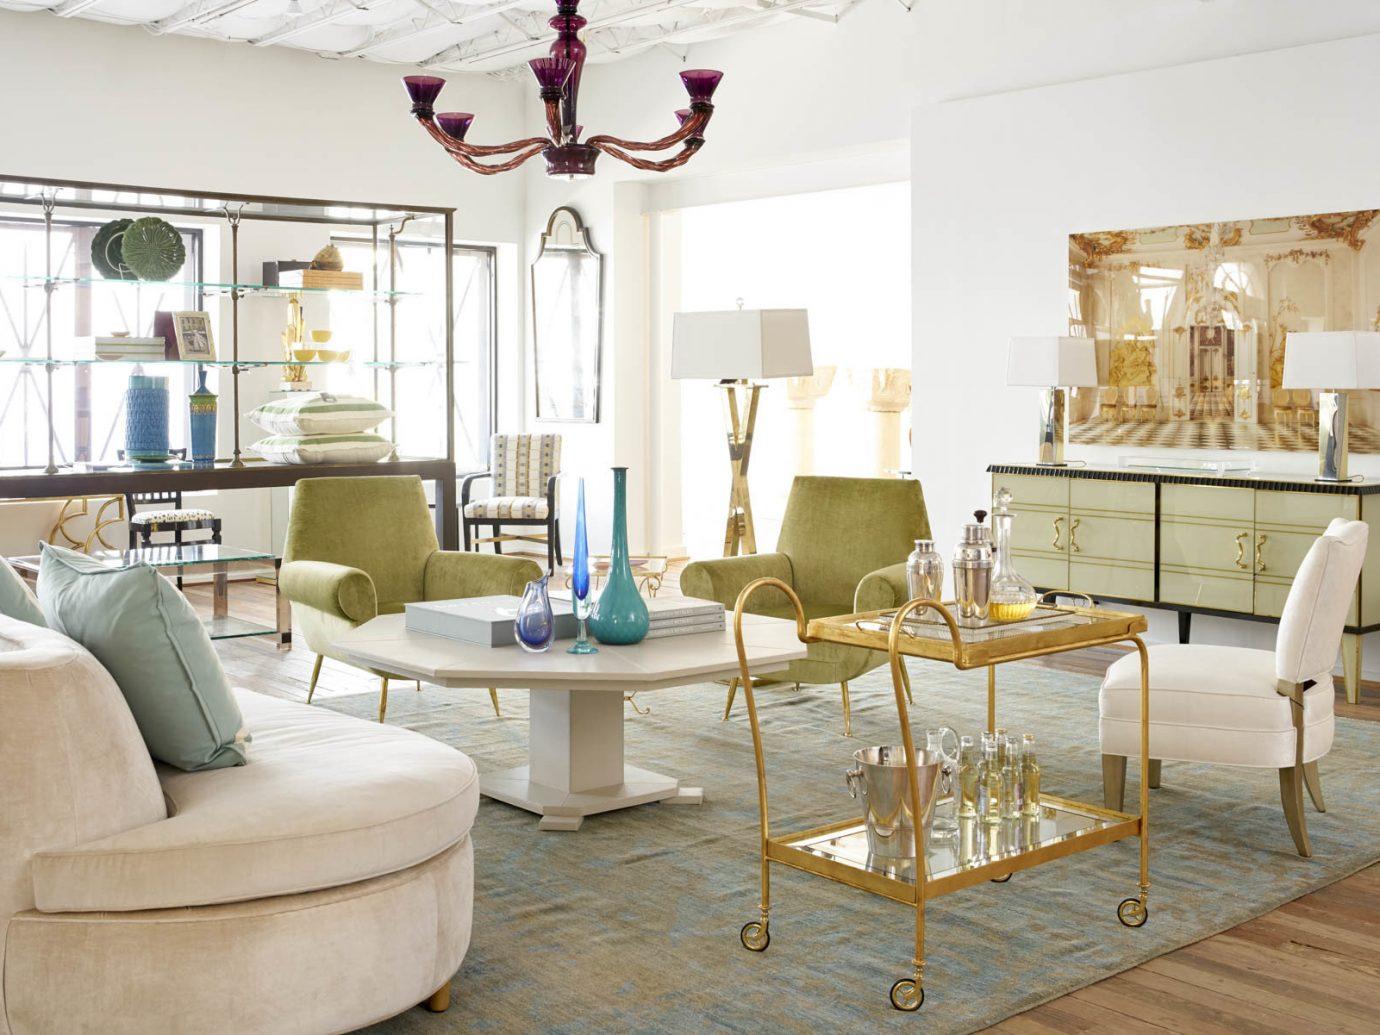 Jetsetter Guides indoor floor Living room dining room living room property home interior design estate furniture real estate Design table cottage area